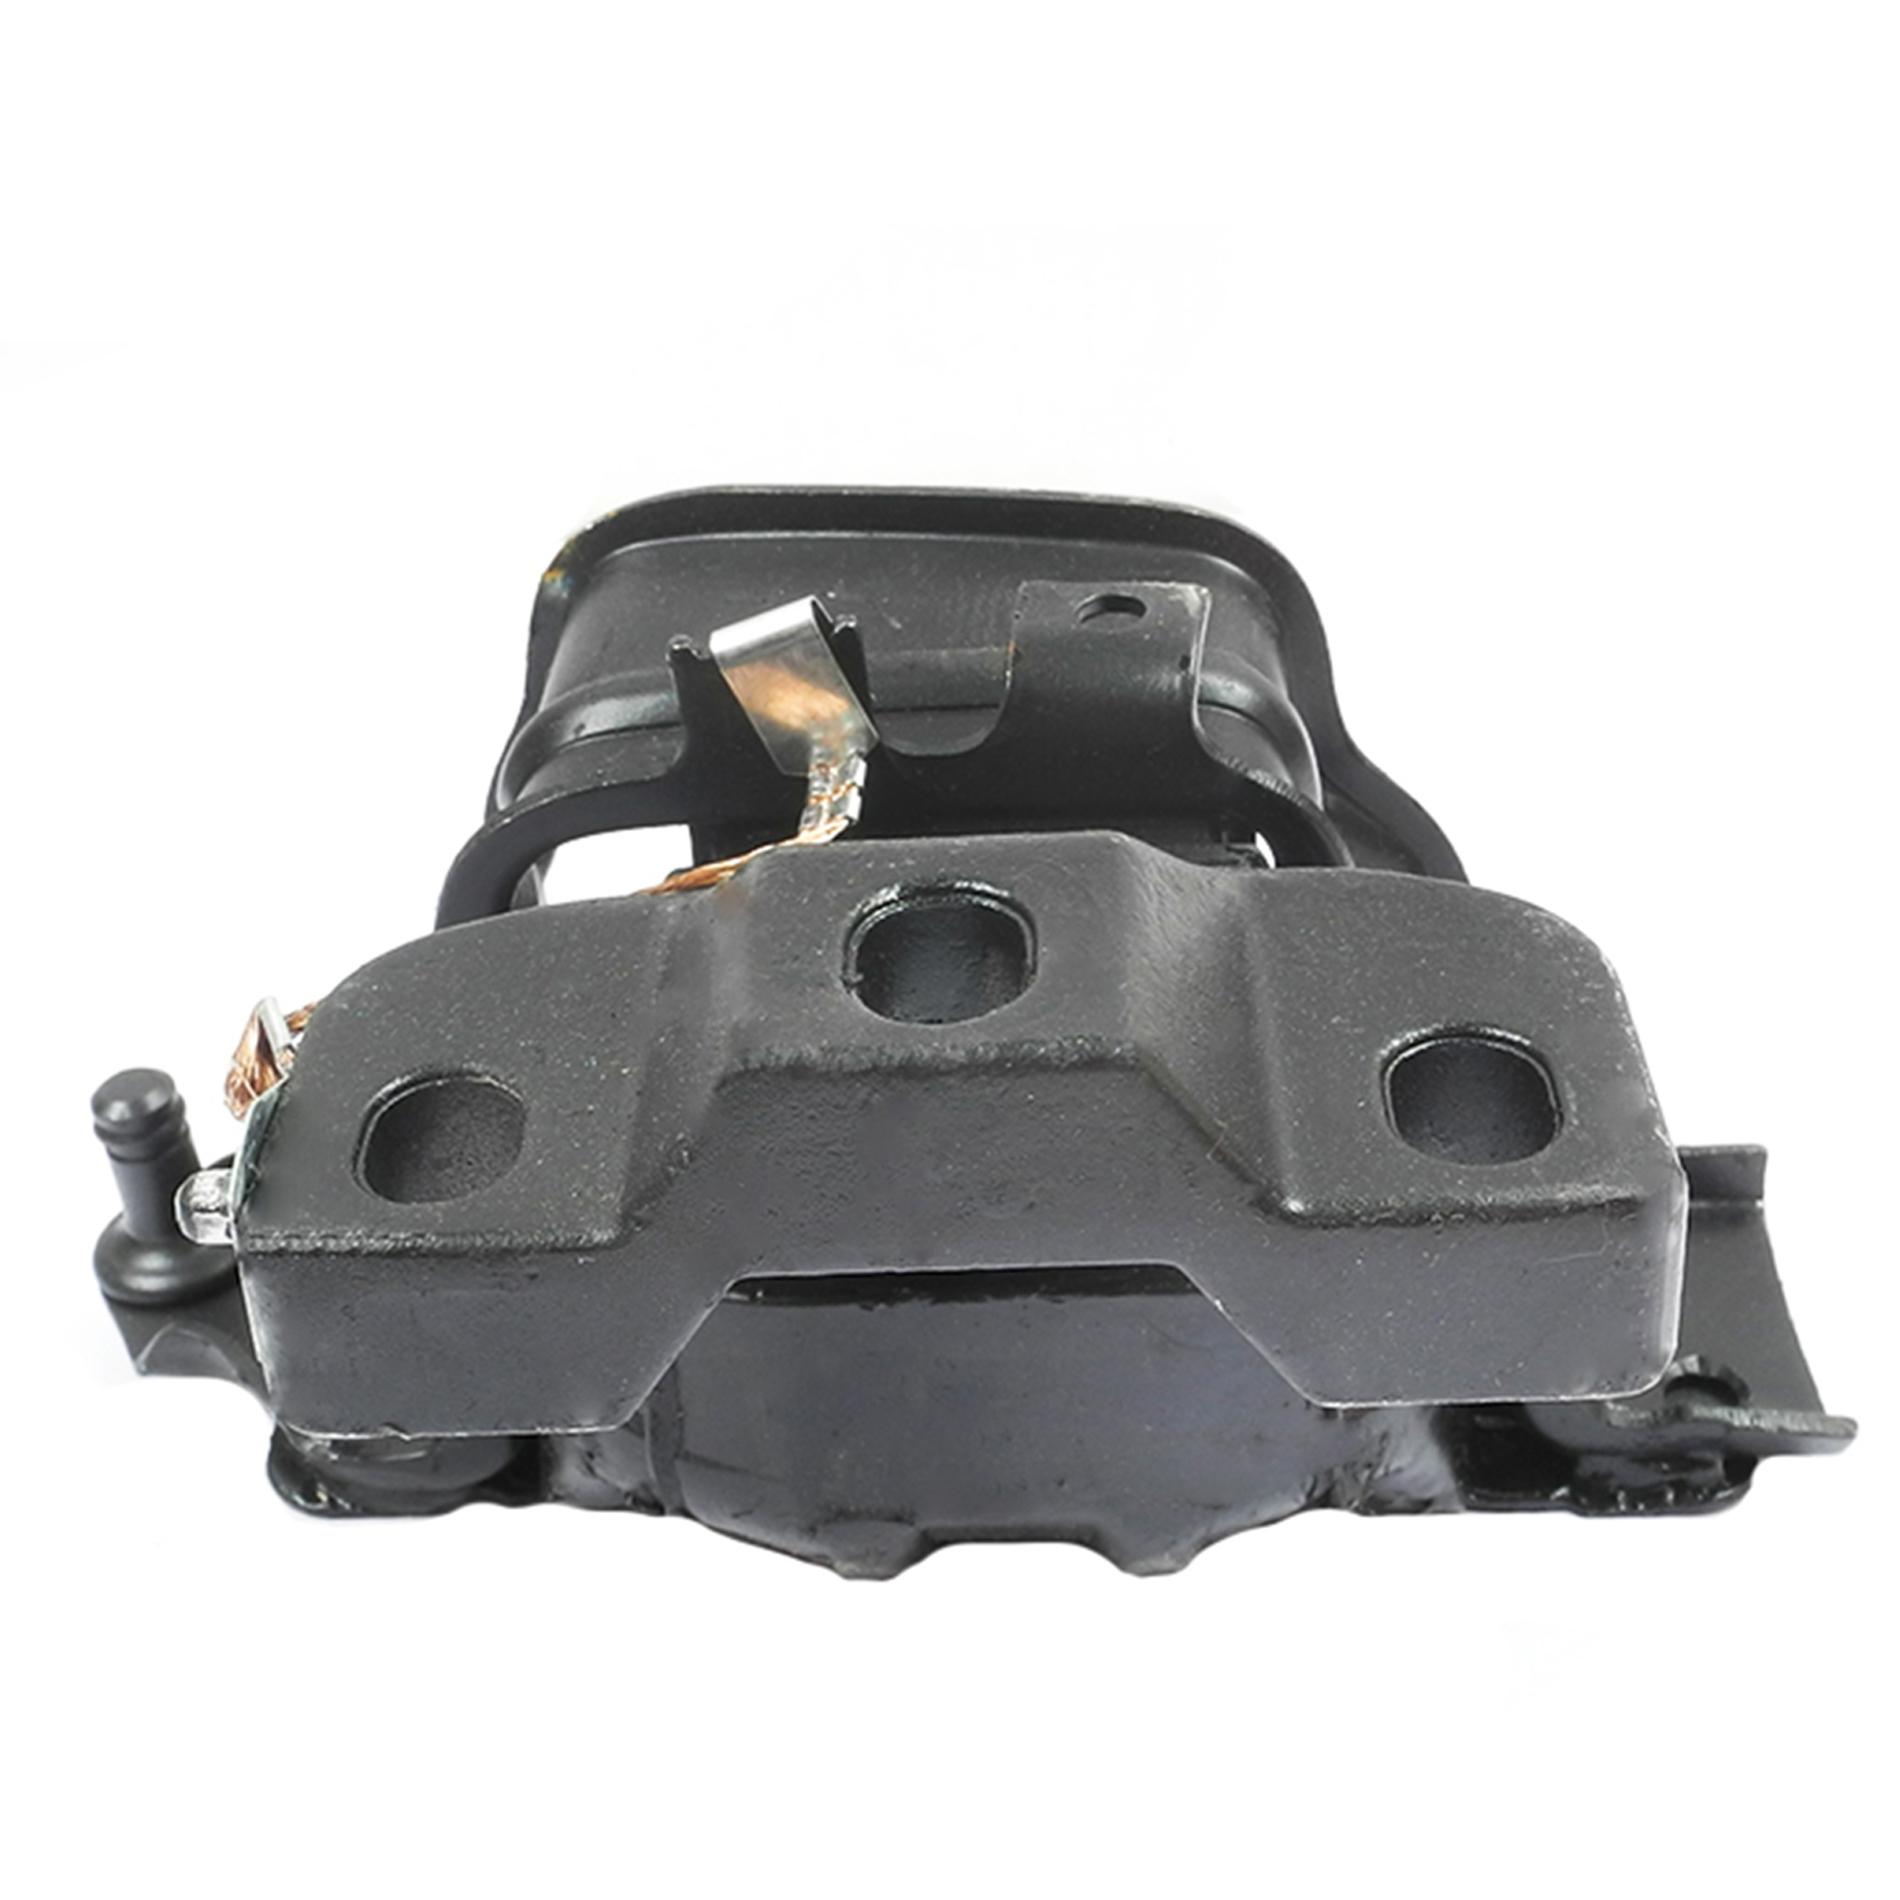 Engine Motor /& Trans Mount For Dodge Caravan 01-07 Grand Caravan 3.3L 3.8L 3PCS